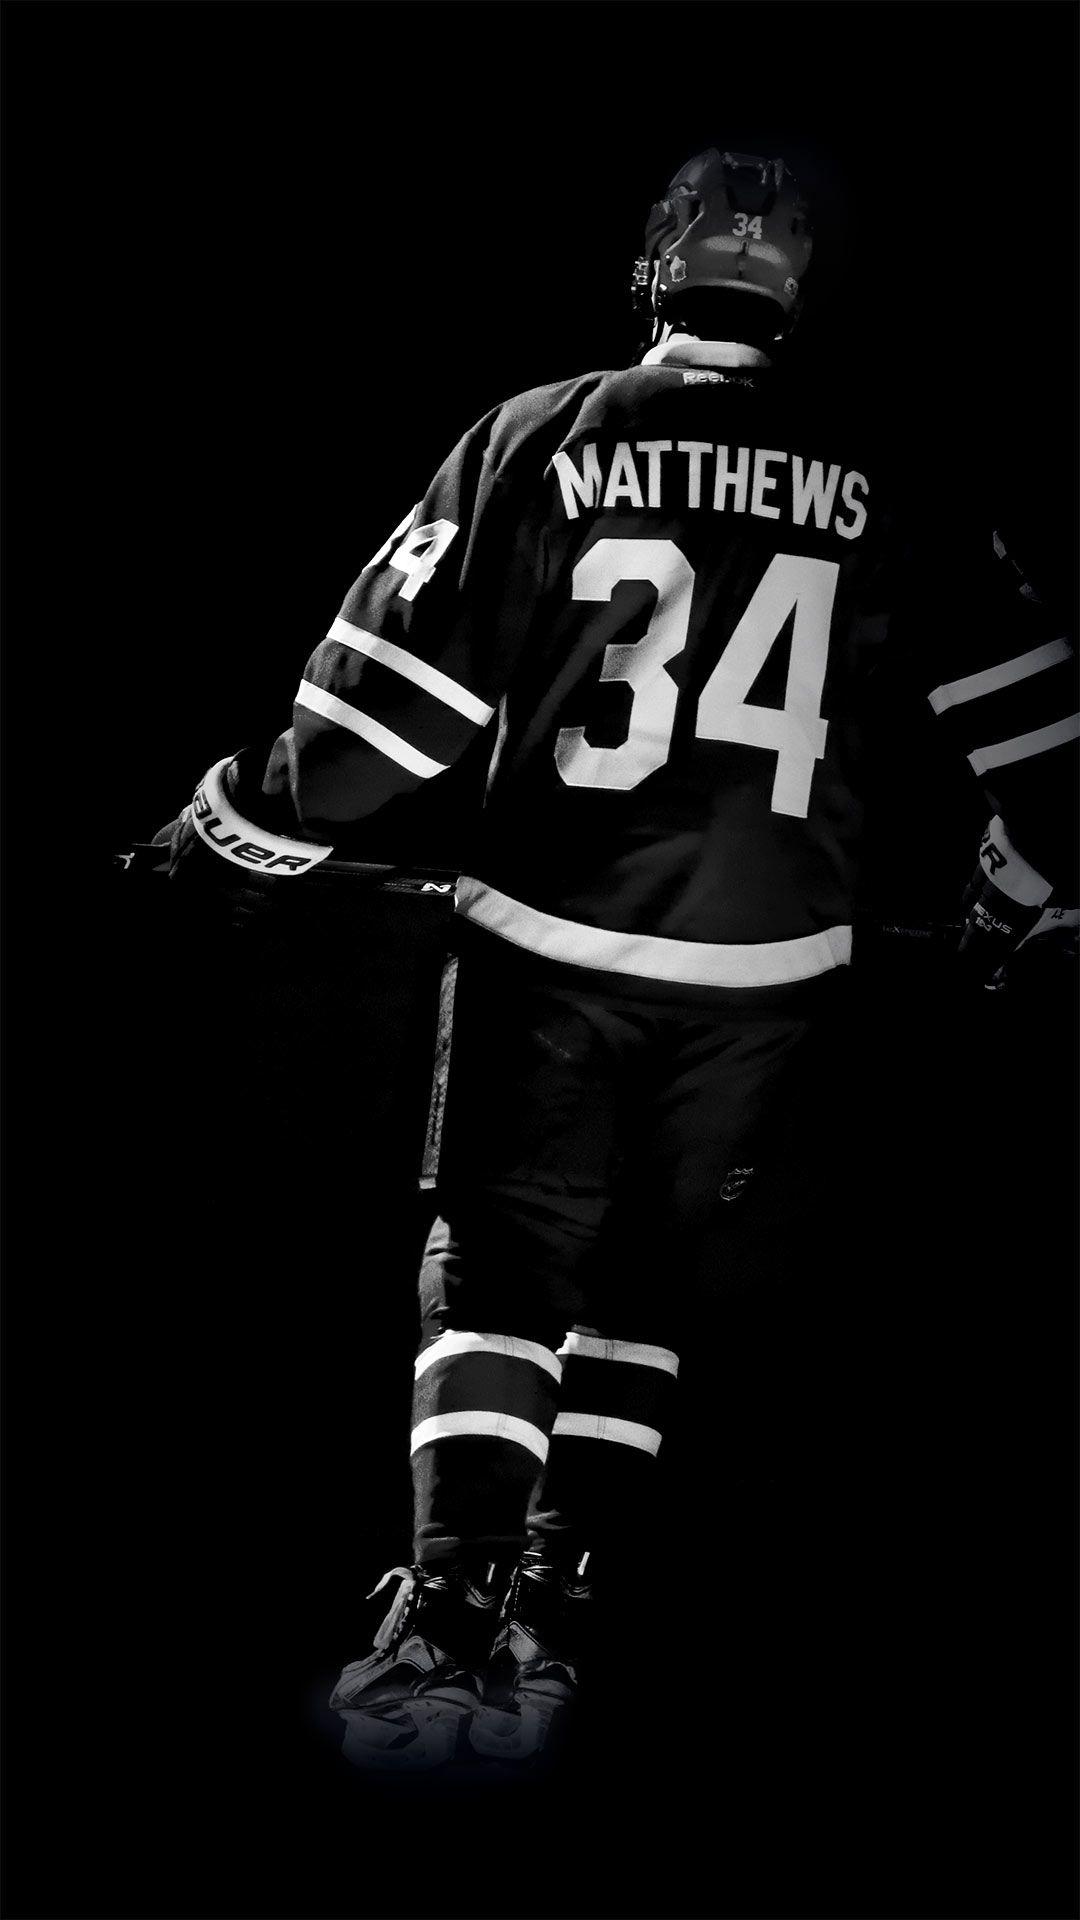 Leafsnation Matthews Wall 1080x1920 Jpg 1080 1920 Maple Leafs Wallpaper Toronto Maple Leafs Wallpaper Nhl Wallpaper